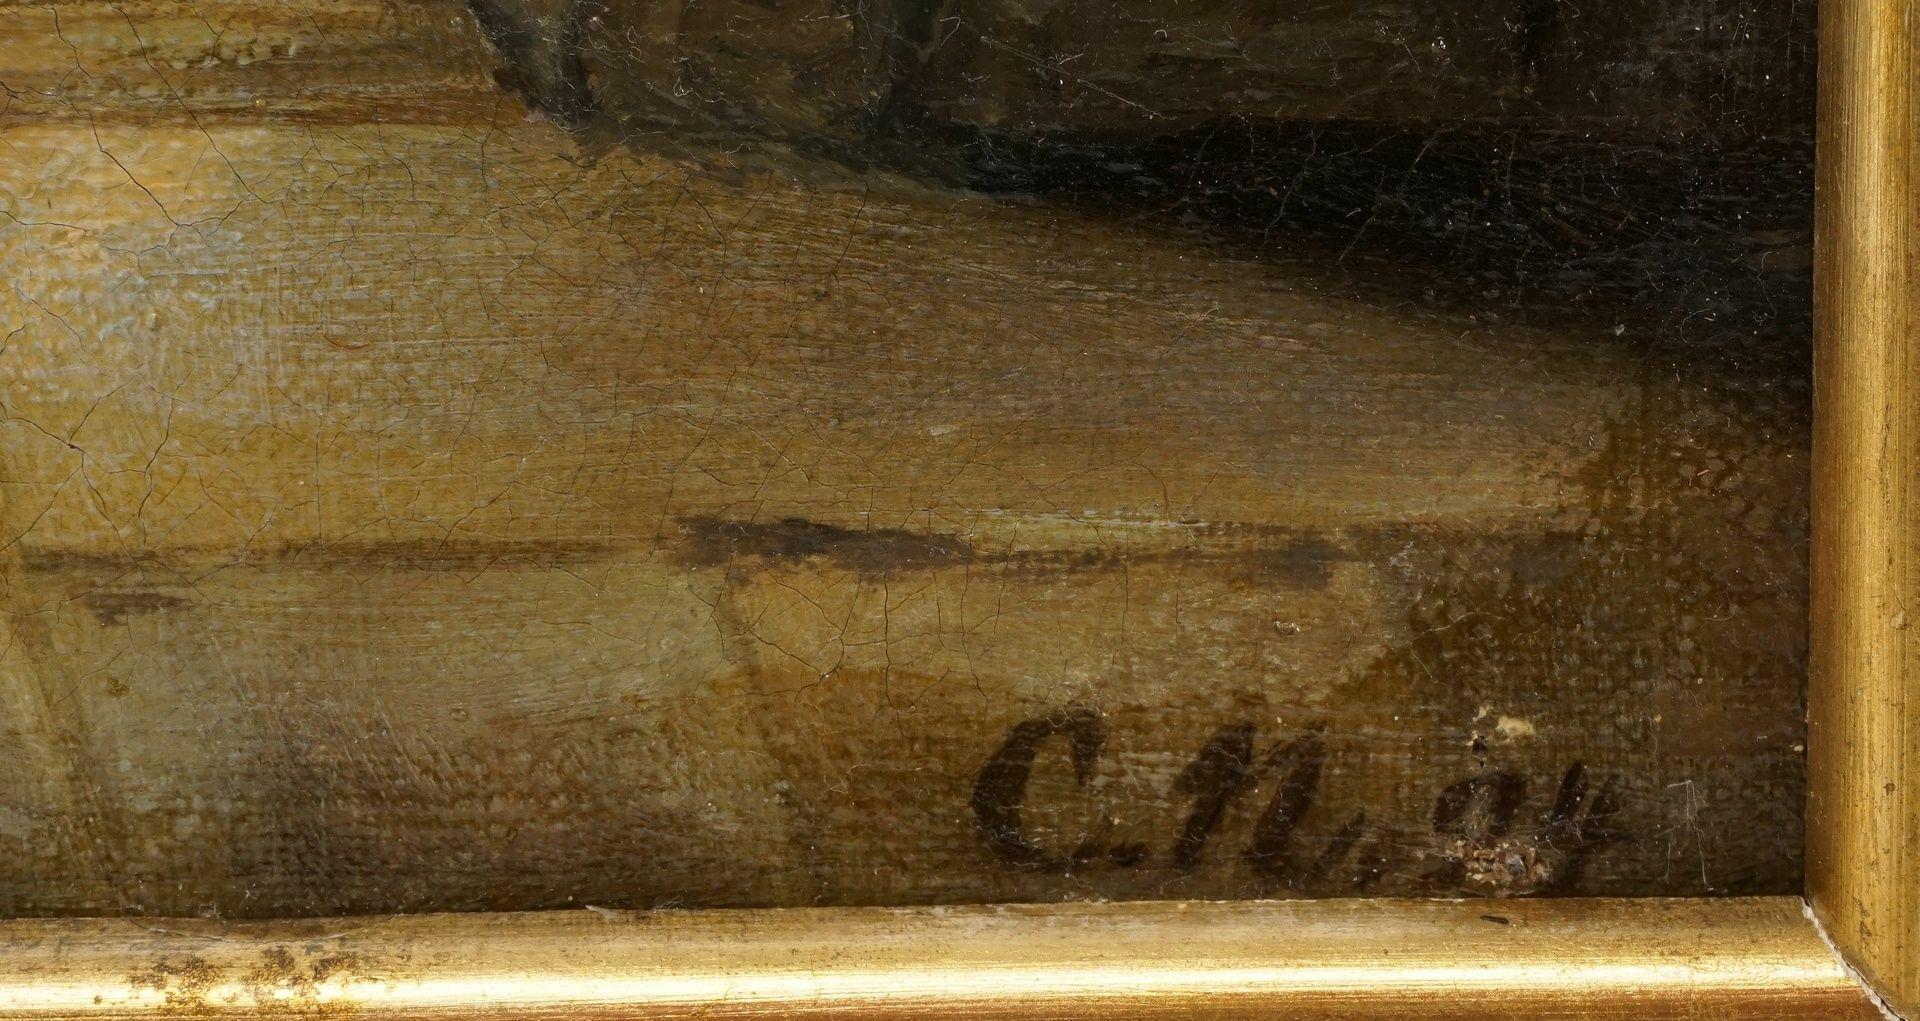 Monogrammist CN, Blick aus der romanischen Krypta der Stiftskirche auf das Quedlinburger Schloss - Bild 4 aus 4